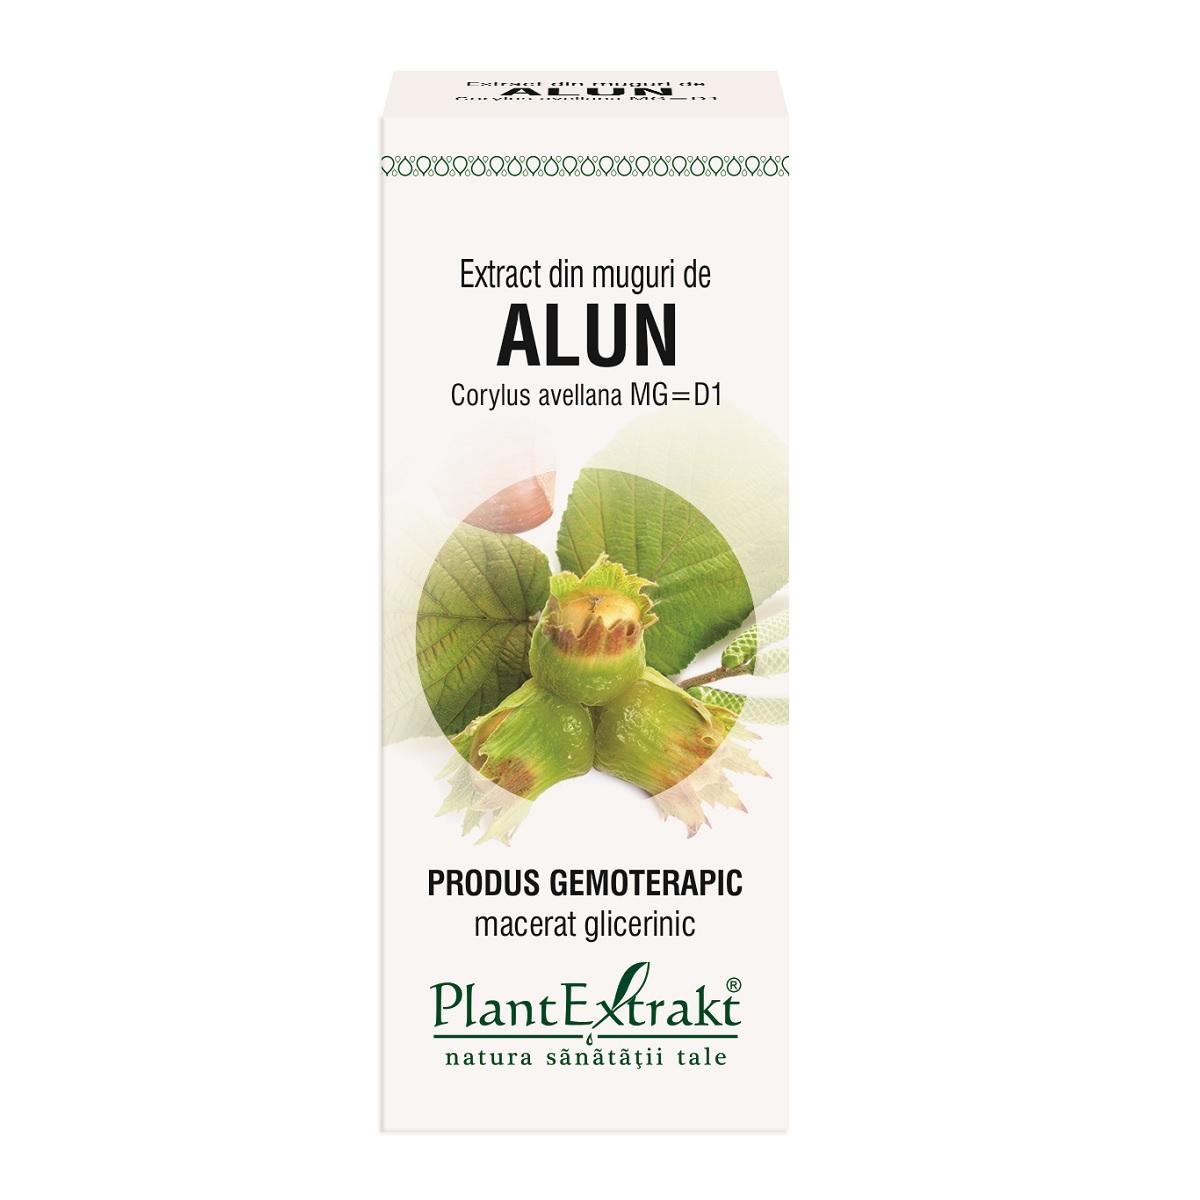 Extract din muguri de Alun, 50 ml, Plant Extrakt